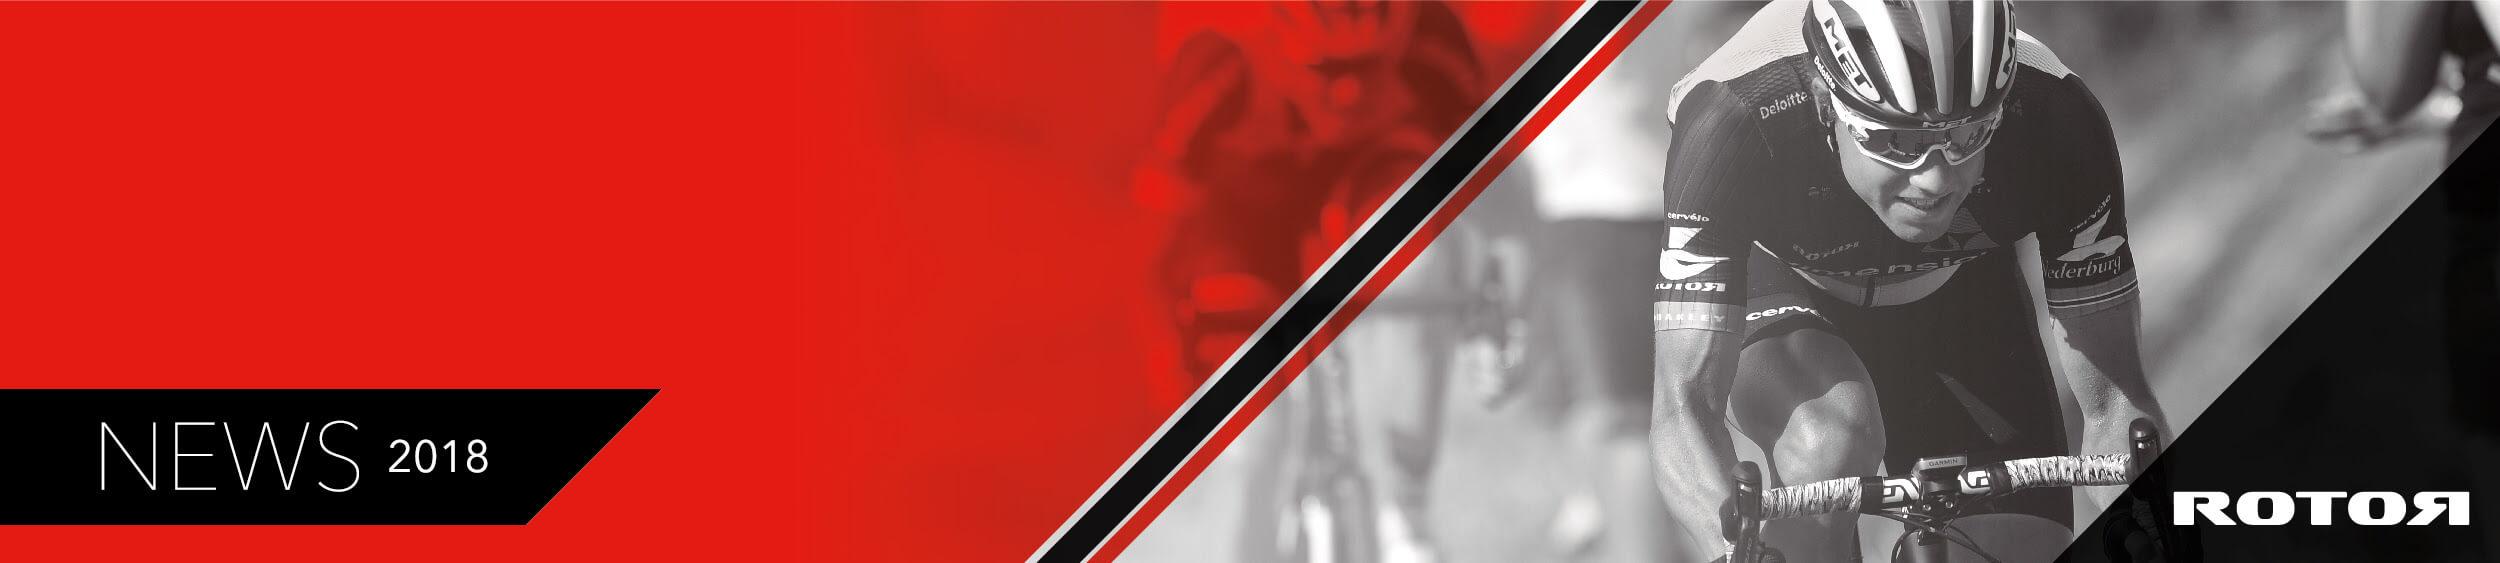 bannière Rotor avec image d'un cycliste